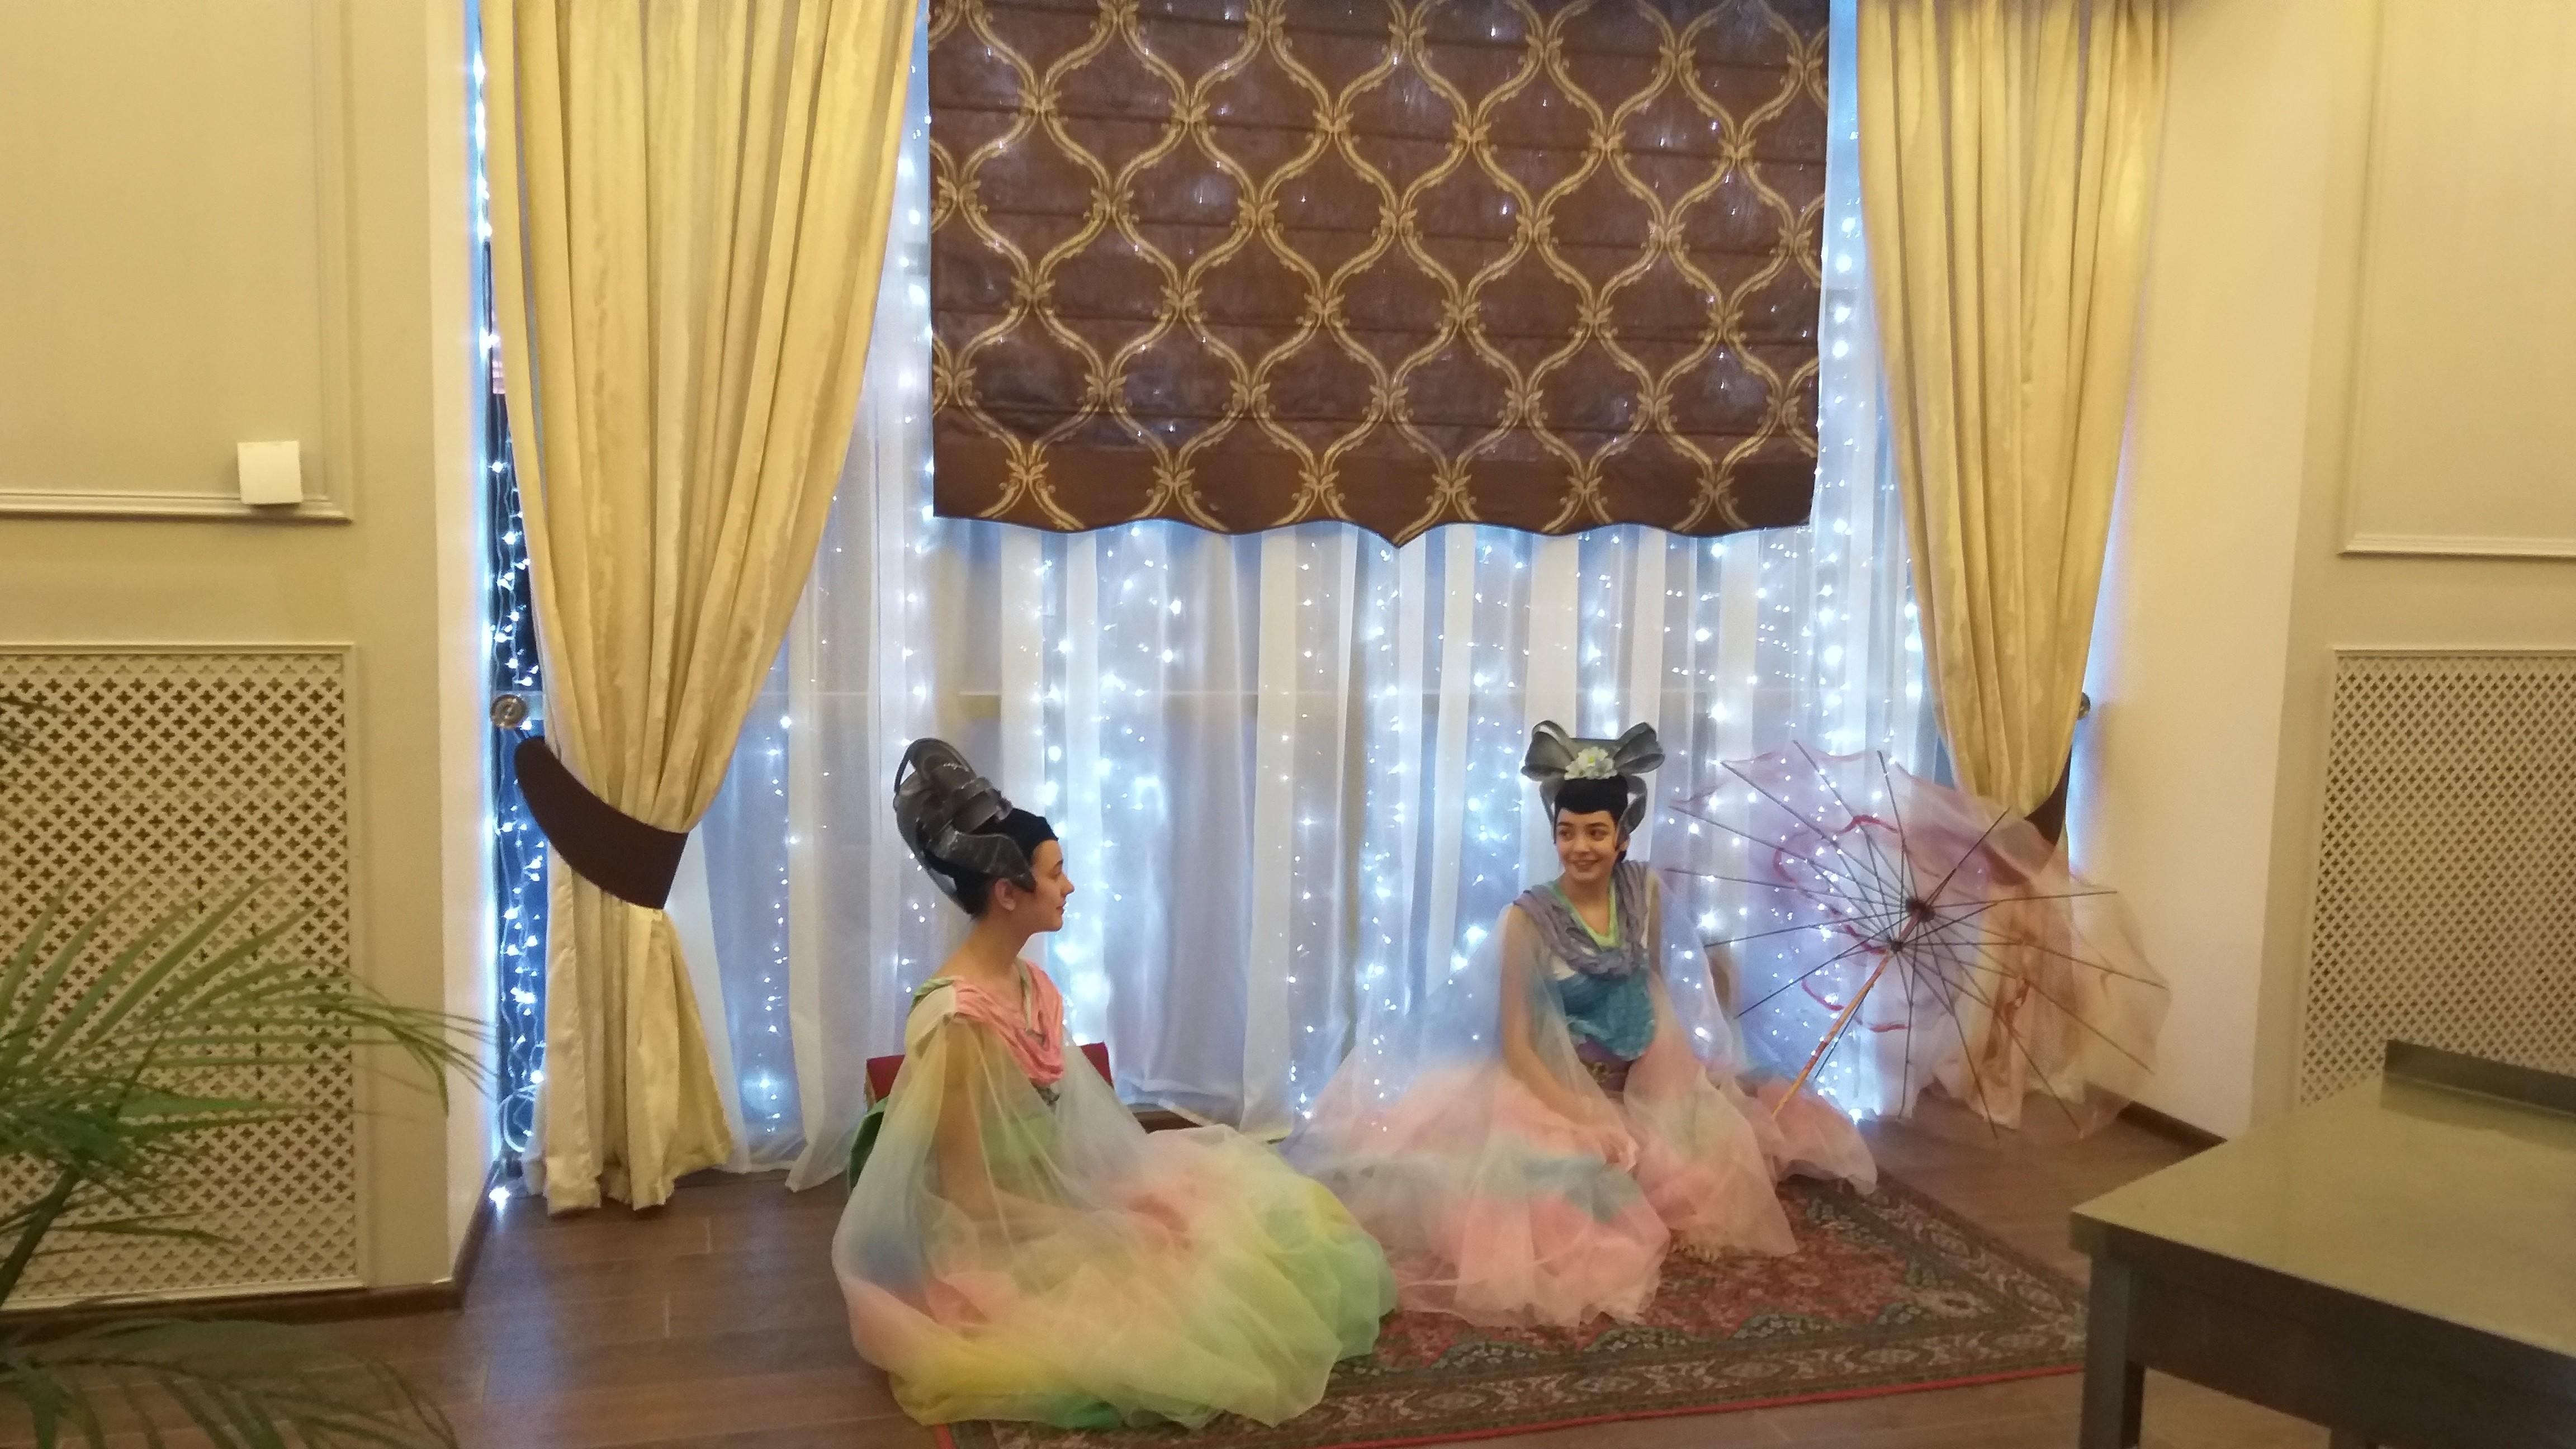 Опера «Мадам Баттерфляй» готовится к своему первому юбилею